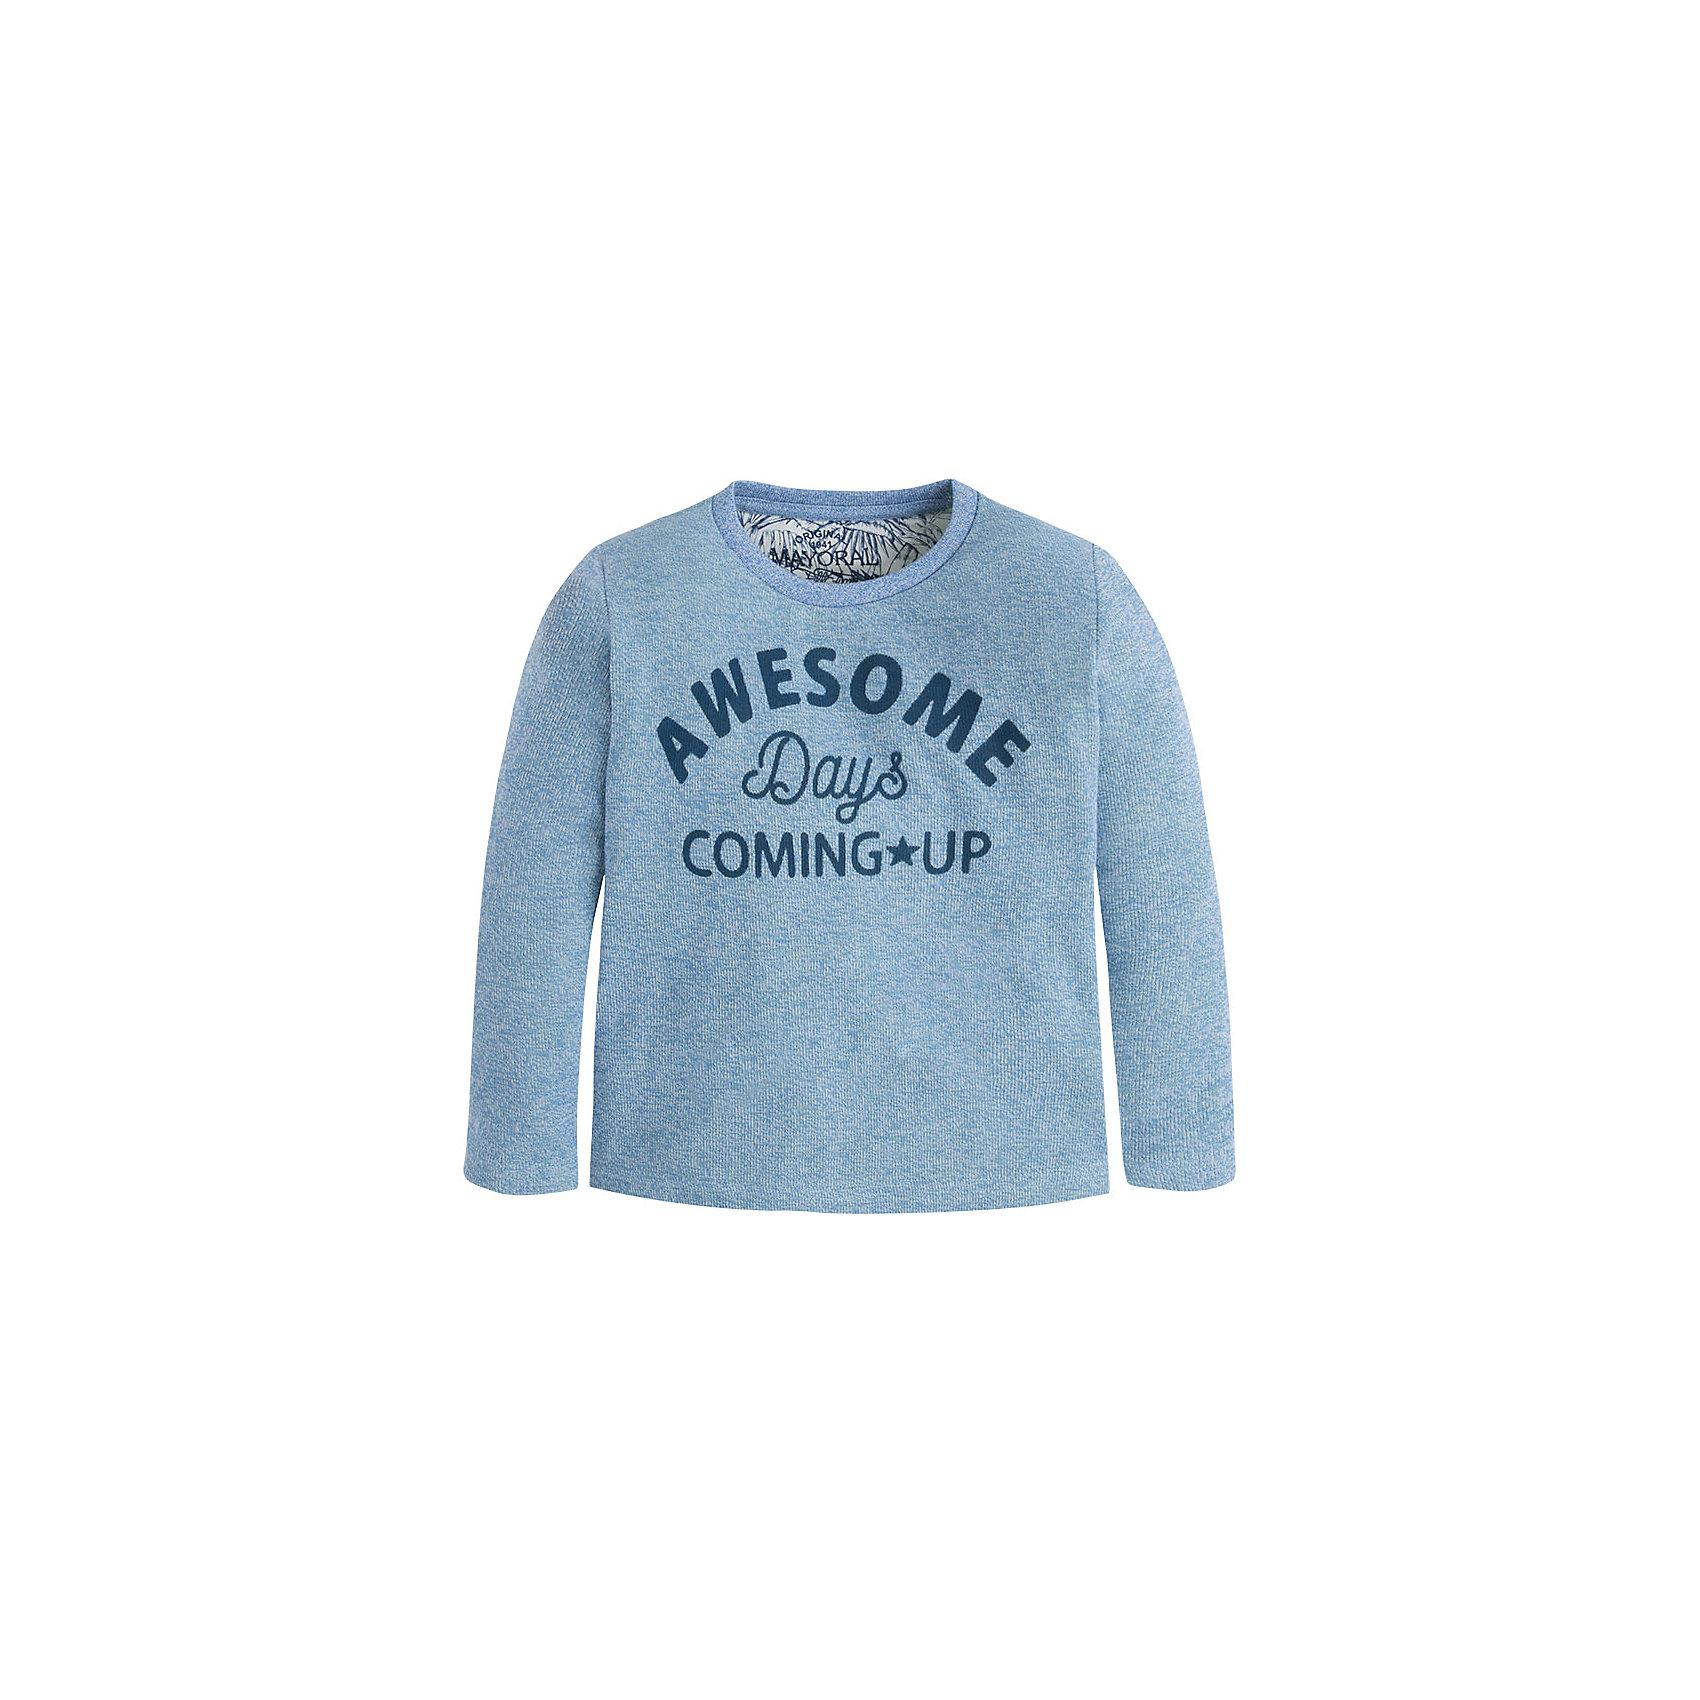 Футболка с длинным рукавом для мальчика MayoralФутболка с длинным рукавом для мальчика от известной испанской марки Mayoral <br><br>Модная хлопковая футболка от Mayoral - отличный вариант одежды на каждый день! Удобная, стильная, оригинальная.  Модель выполнена из качественных материалов, отлично сидит по фигуре.<br><br>Особенности модели:<br><br>- цвет: голубой;<br>- рукава длинные;<br>- круглый горловой вырез;<br>- украшена принтом;<br>- натуральный материал.<br><br>Дополнительная информация:<br><br>Состав: 100% хлопок<br><br>Футболку с длинным рукавомMayoral (Майорал) можно купить в нашем магазине.<br><br>Ширина мм: 230<br>Глубина мм: 40<br>Высота мм: 220<br>Вес г: 250<br>Цвет: синий<br>Возраст от месяцев: 84<br>Возраст до месяцев: 96<br>Пол: Мужской<br>Возраст: Детский<br>Размер: 128,104,98,134,122,116,110<br>SKU: 4541595